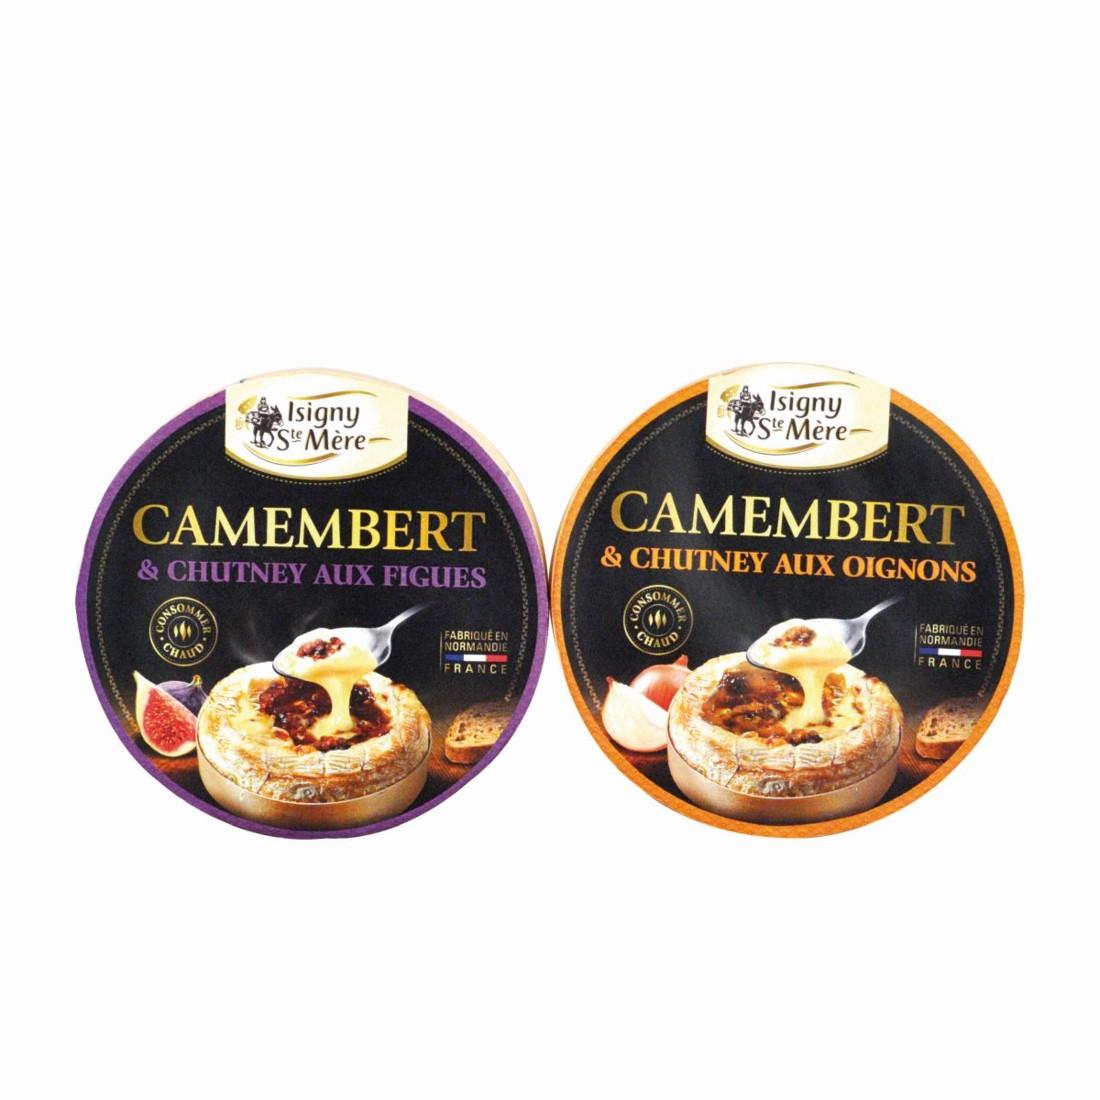 Avec ce camembert au chutney (oignons ou figues), la coopérative Isigny Ste-Mère élargit sa gamme de formages à déguster à chaud. Trophée Saveurs de Normandie.